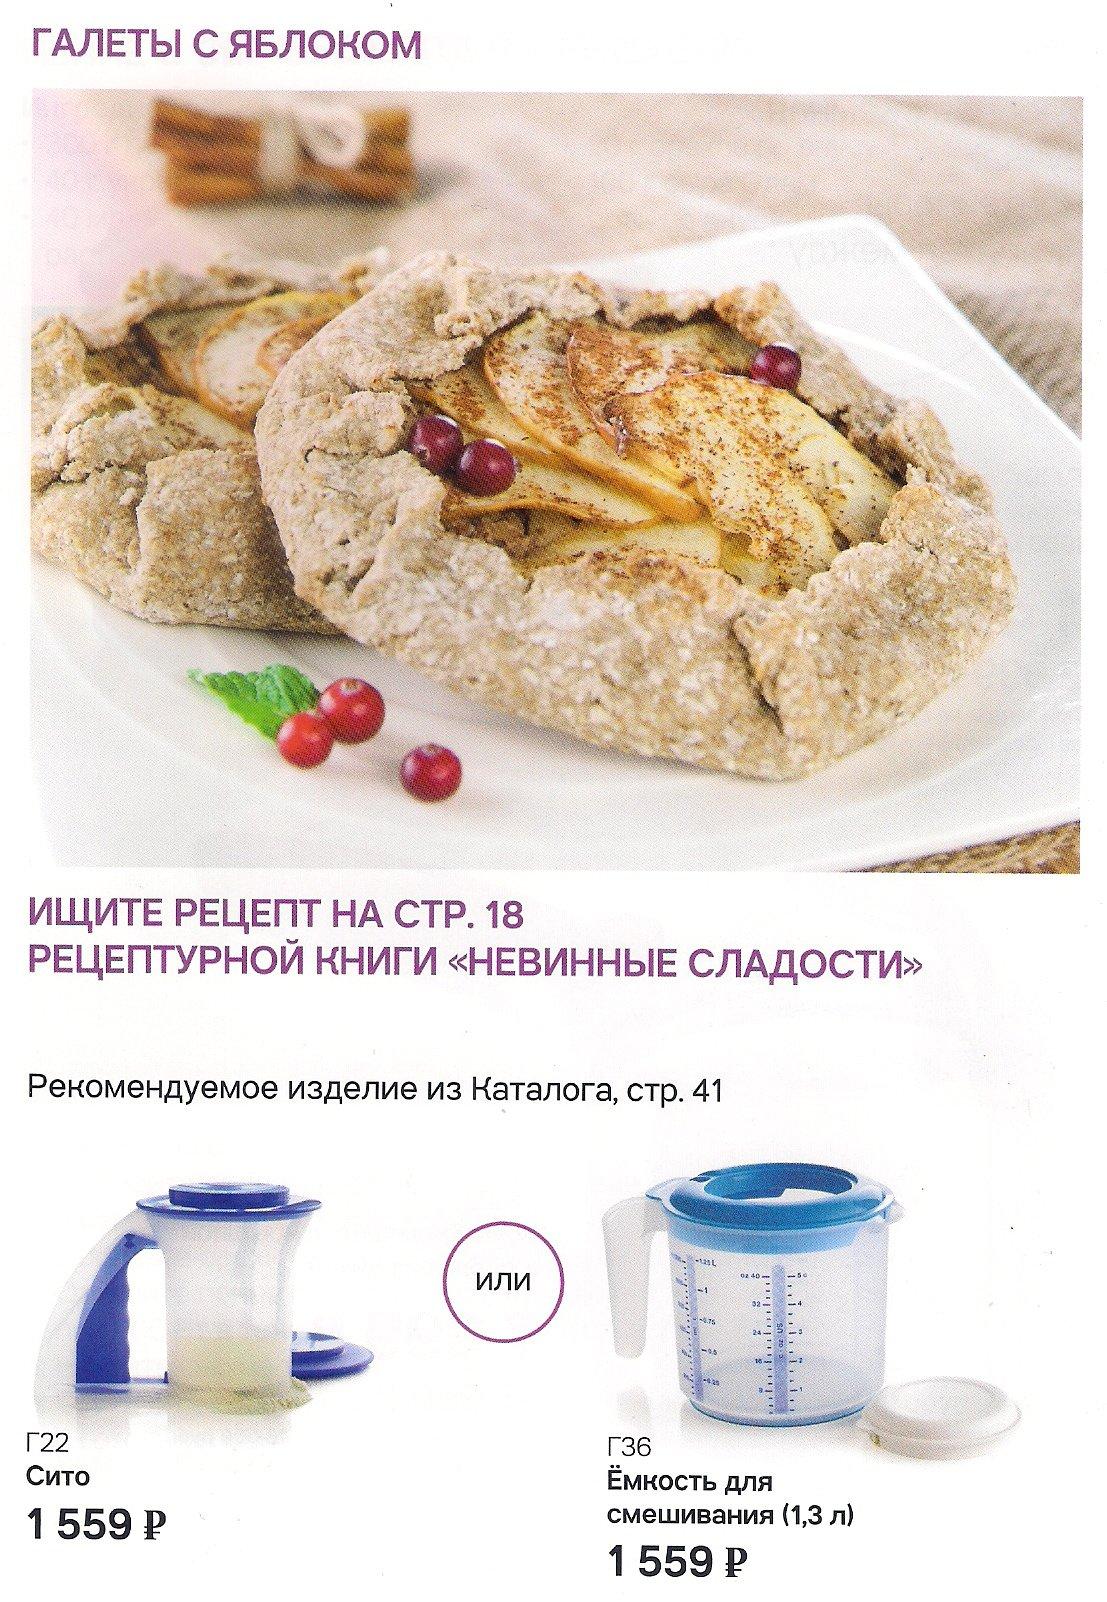 https://tupperware-online.ru/images/upload/14b.jpg